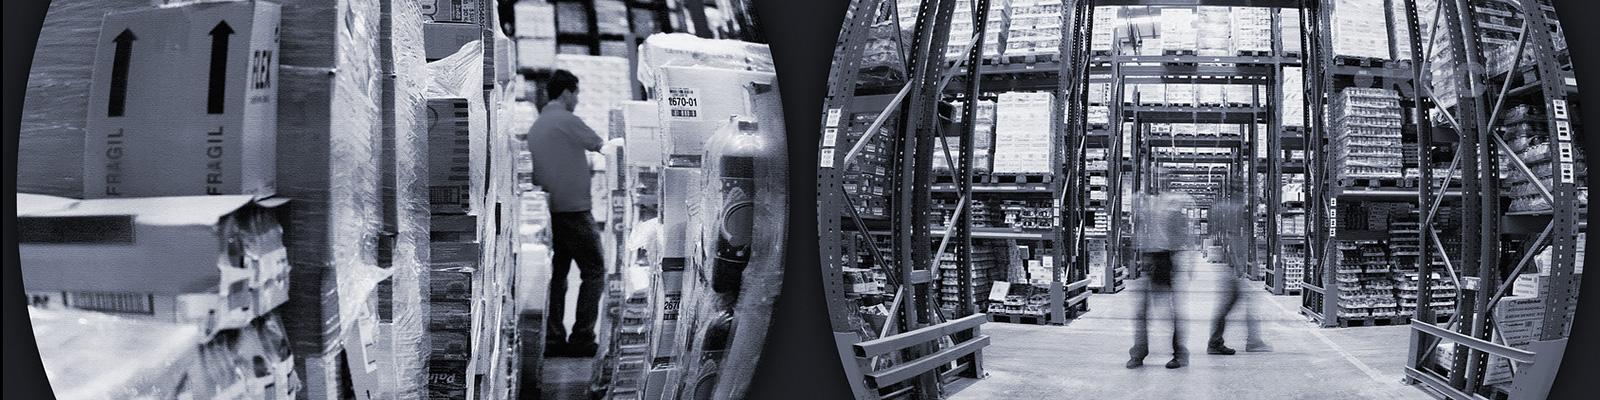 従業員 監視 カメラ イメージ